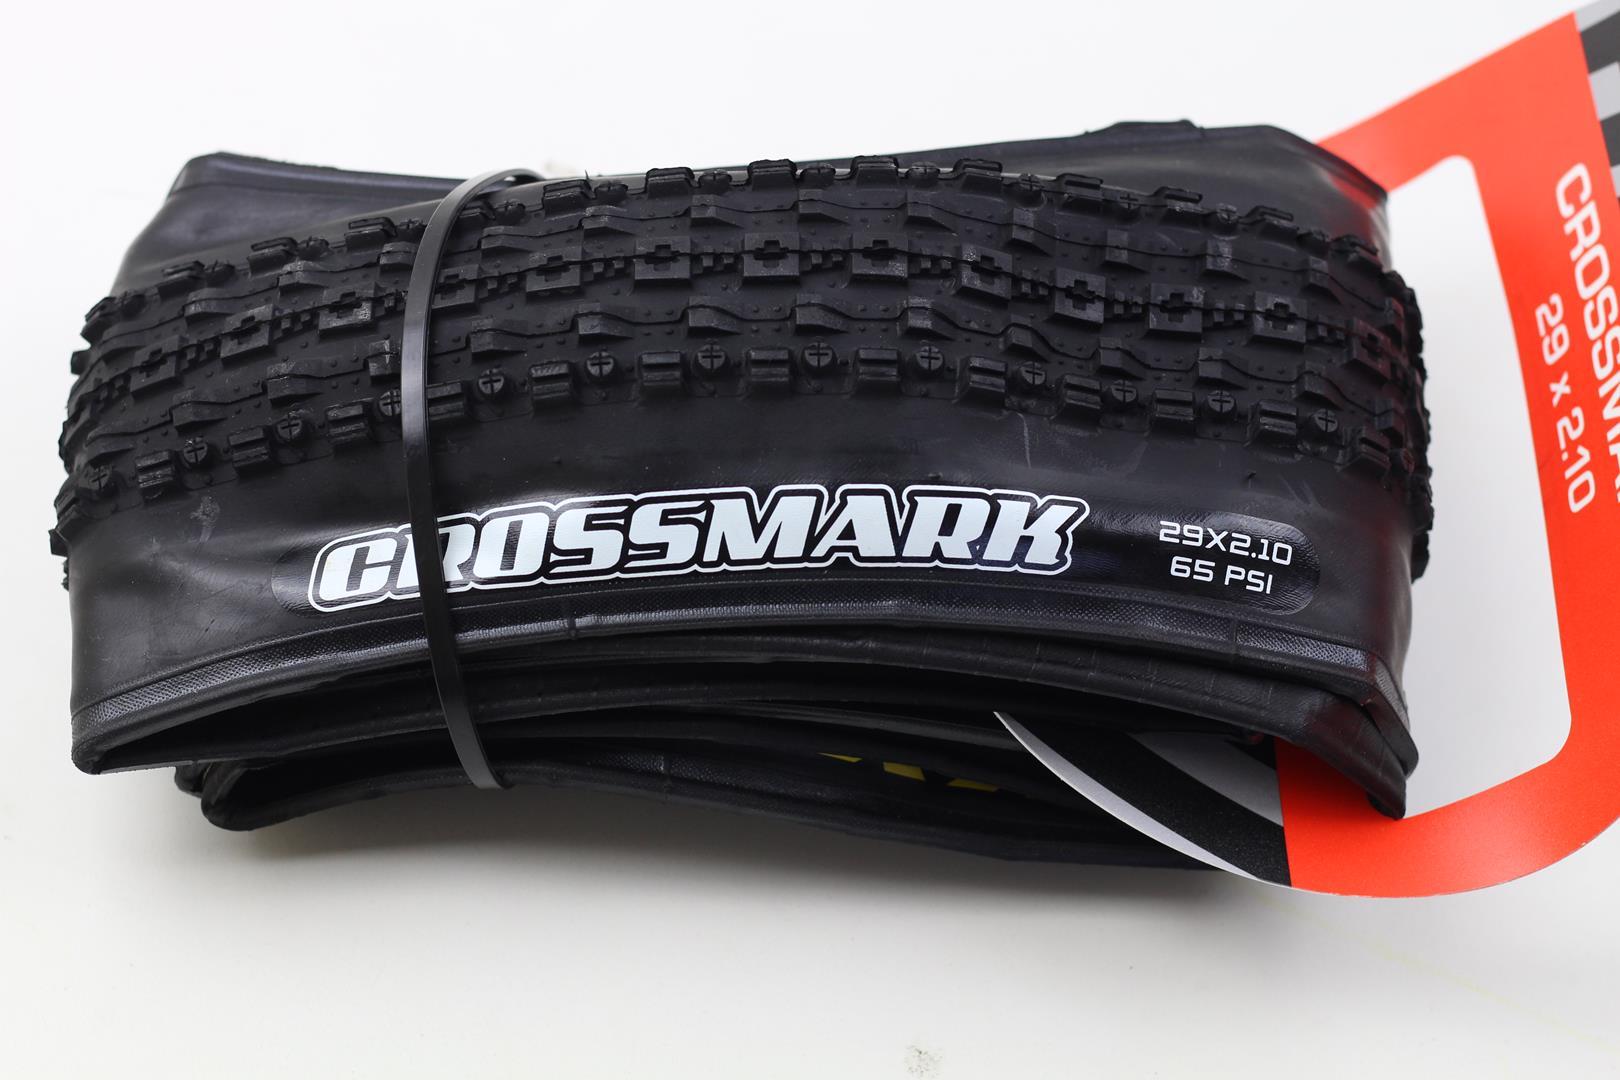 Pneu Bicicketa MTB Maxxis Crossmark 29 2.10 Dobrável em Kevlar Preto 685 gramas